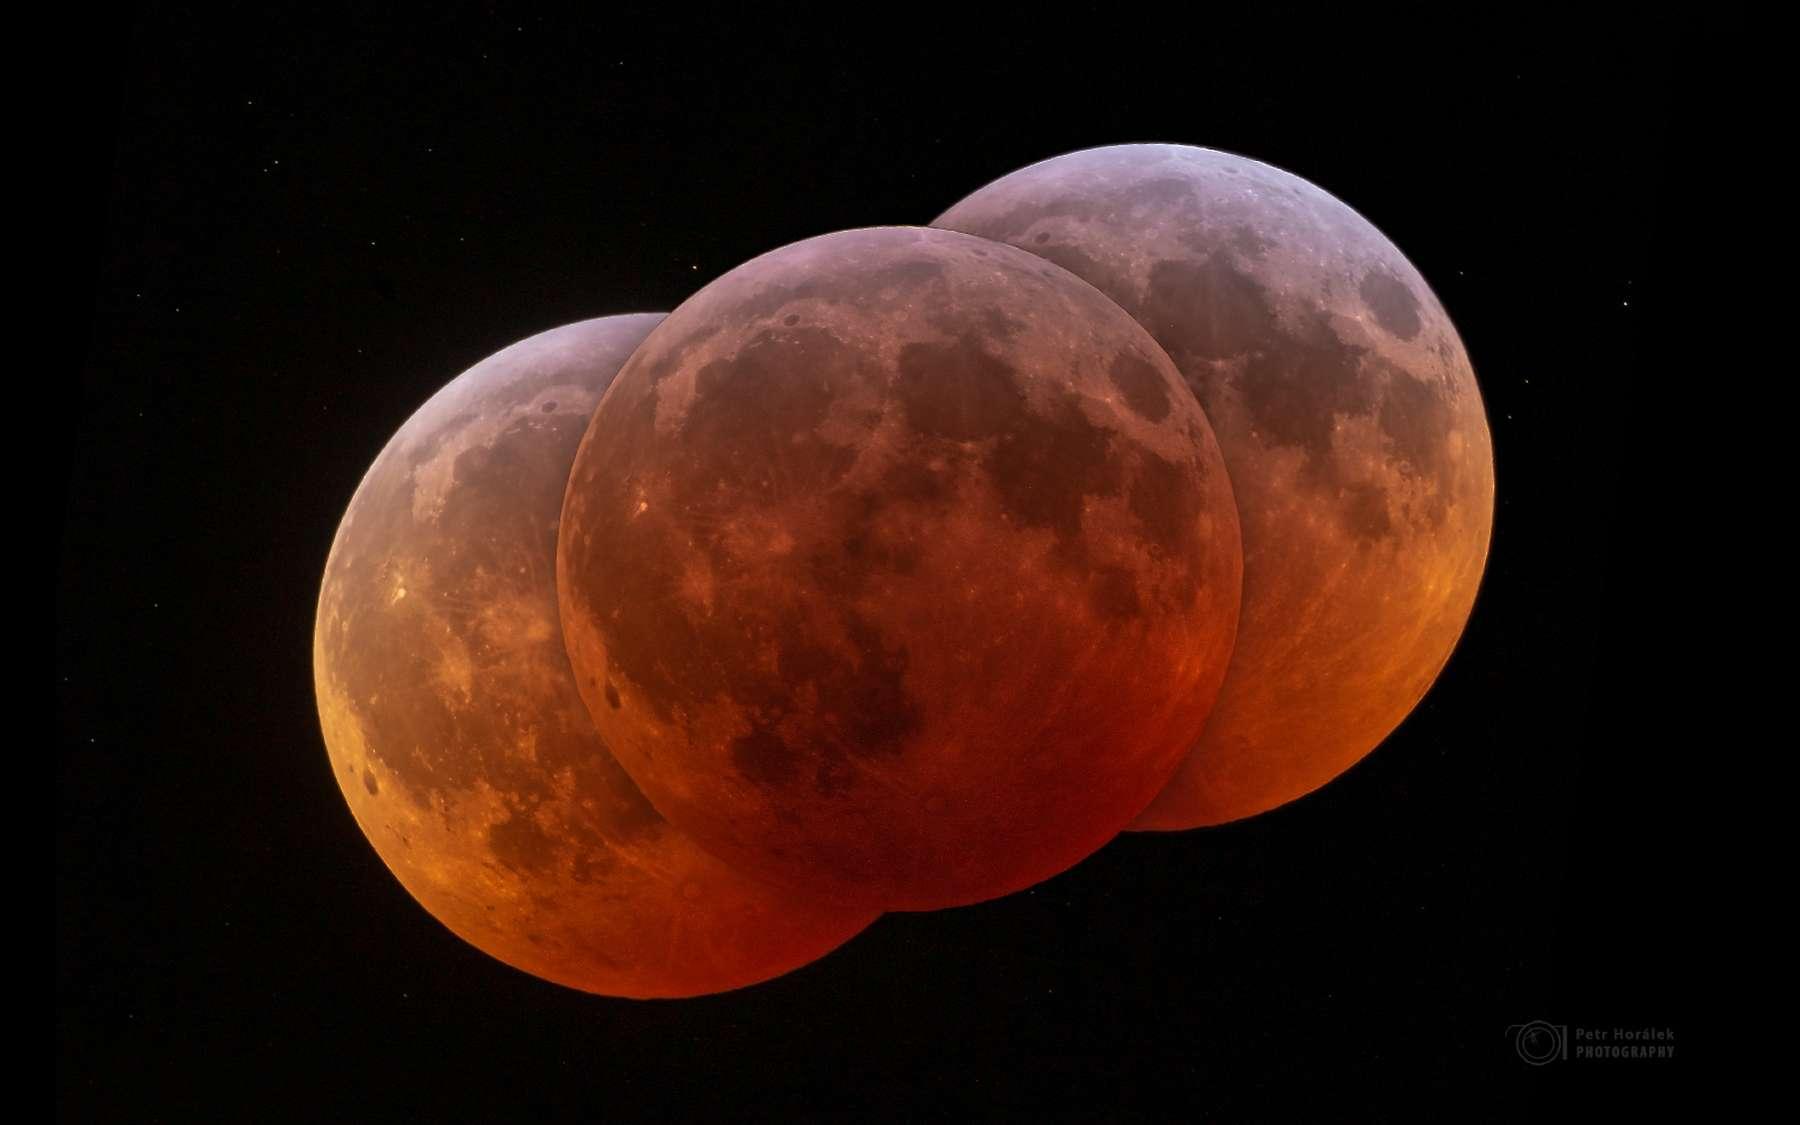 L'éclipse totale de Lune du 21 janvier 2019 photographiée au Cap Vert. © Peter Horalek